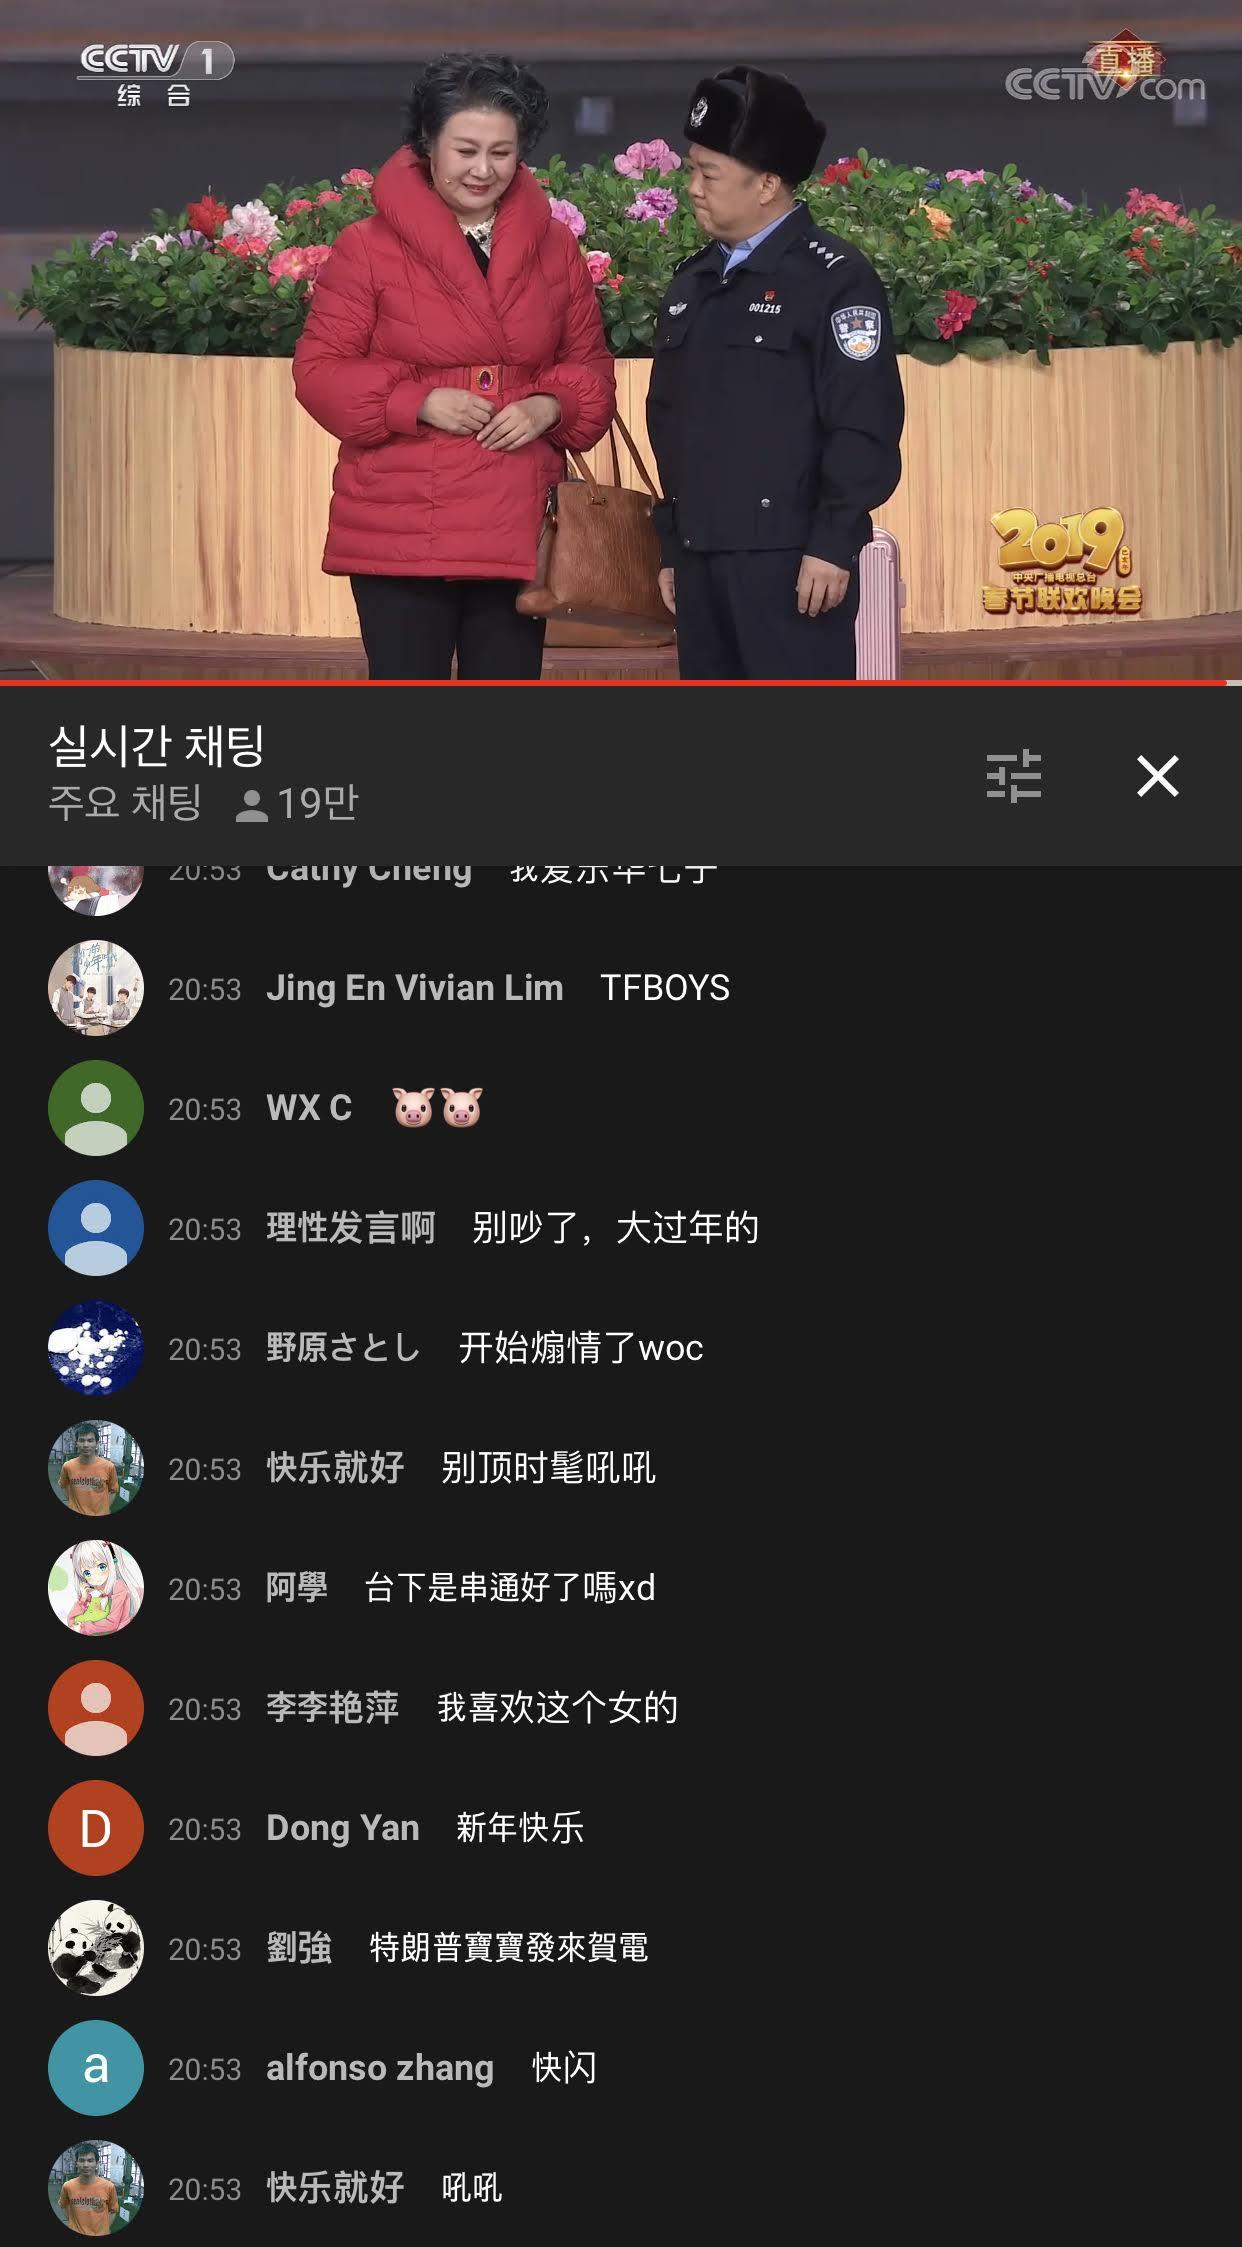 2019년 중국 설 특집쇼 춘완은 중국에서 서비스 되지 않는 페이스북, 유튜브를 비롯해 중국의 아이치이, 유쿠, 웨이보, 콰이, 틱톡 등 각종 동영상 플랫폼을 통해 4K 고화질로 생중계됐다. 사진은 유튜브에 생중계된 춘완에 해외 화교들이 실시간 댓글을 올린 화면. [유튜브 캡처]